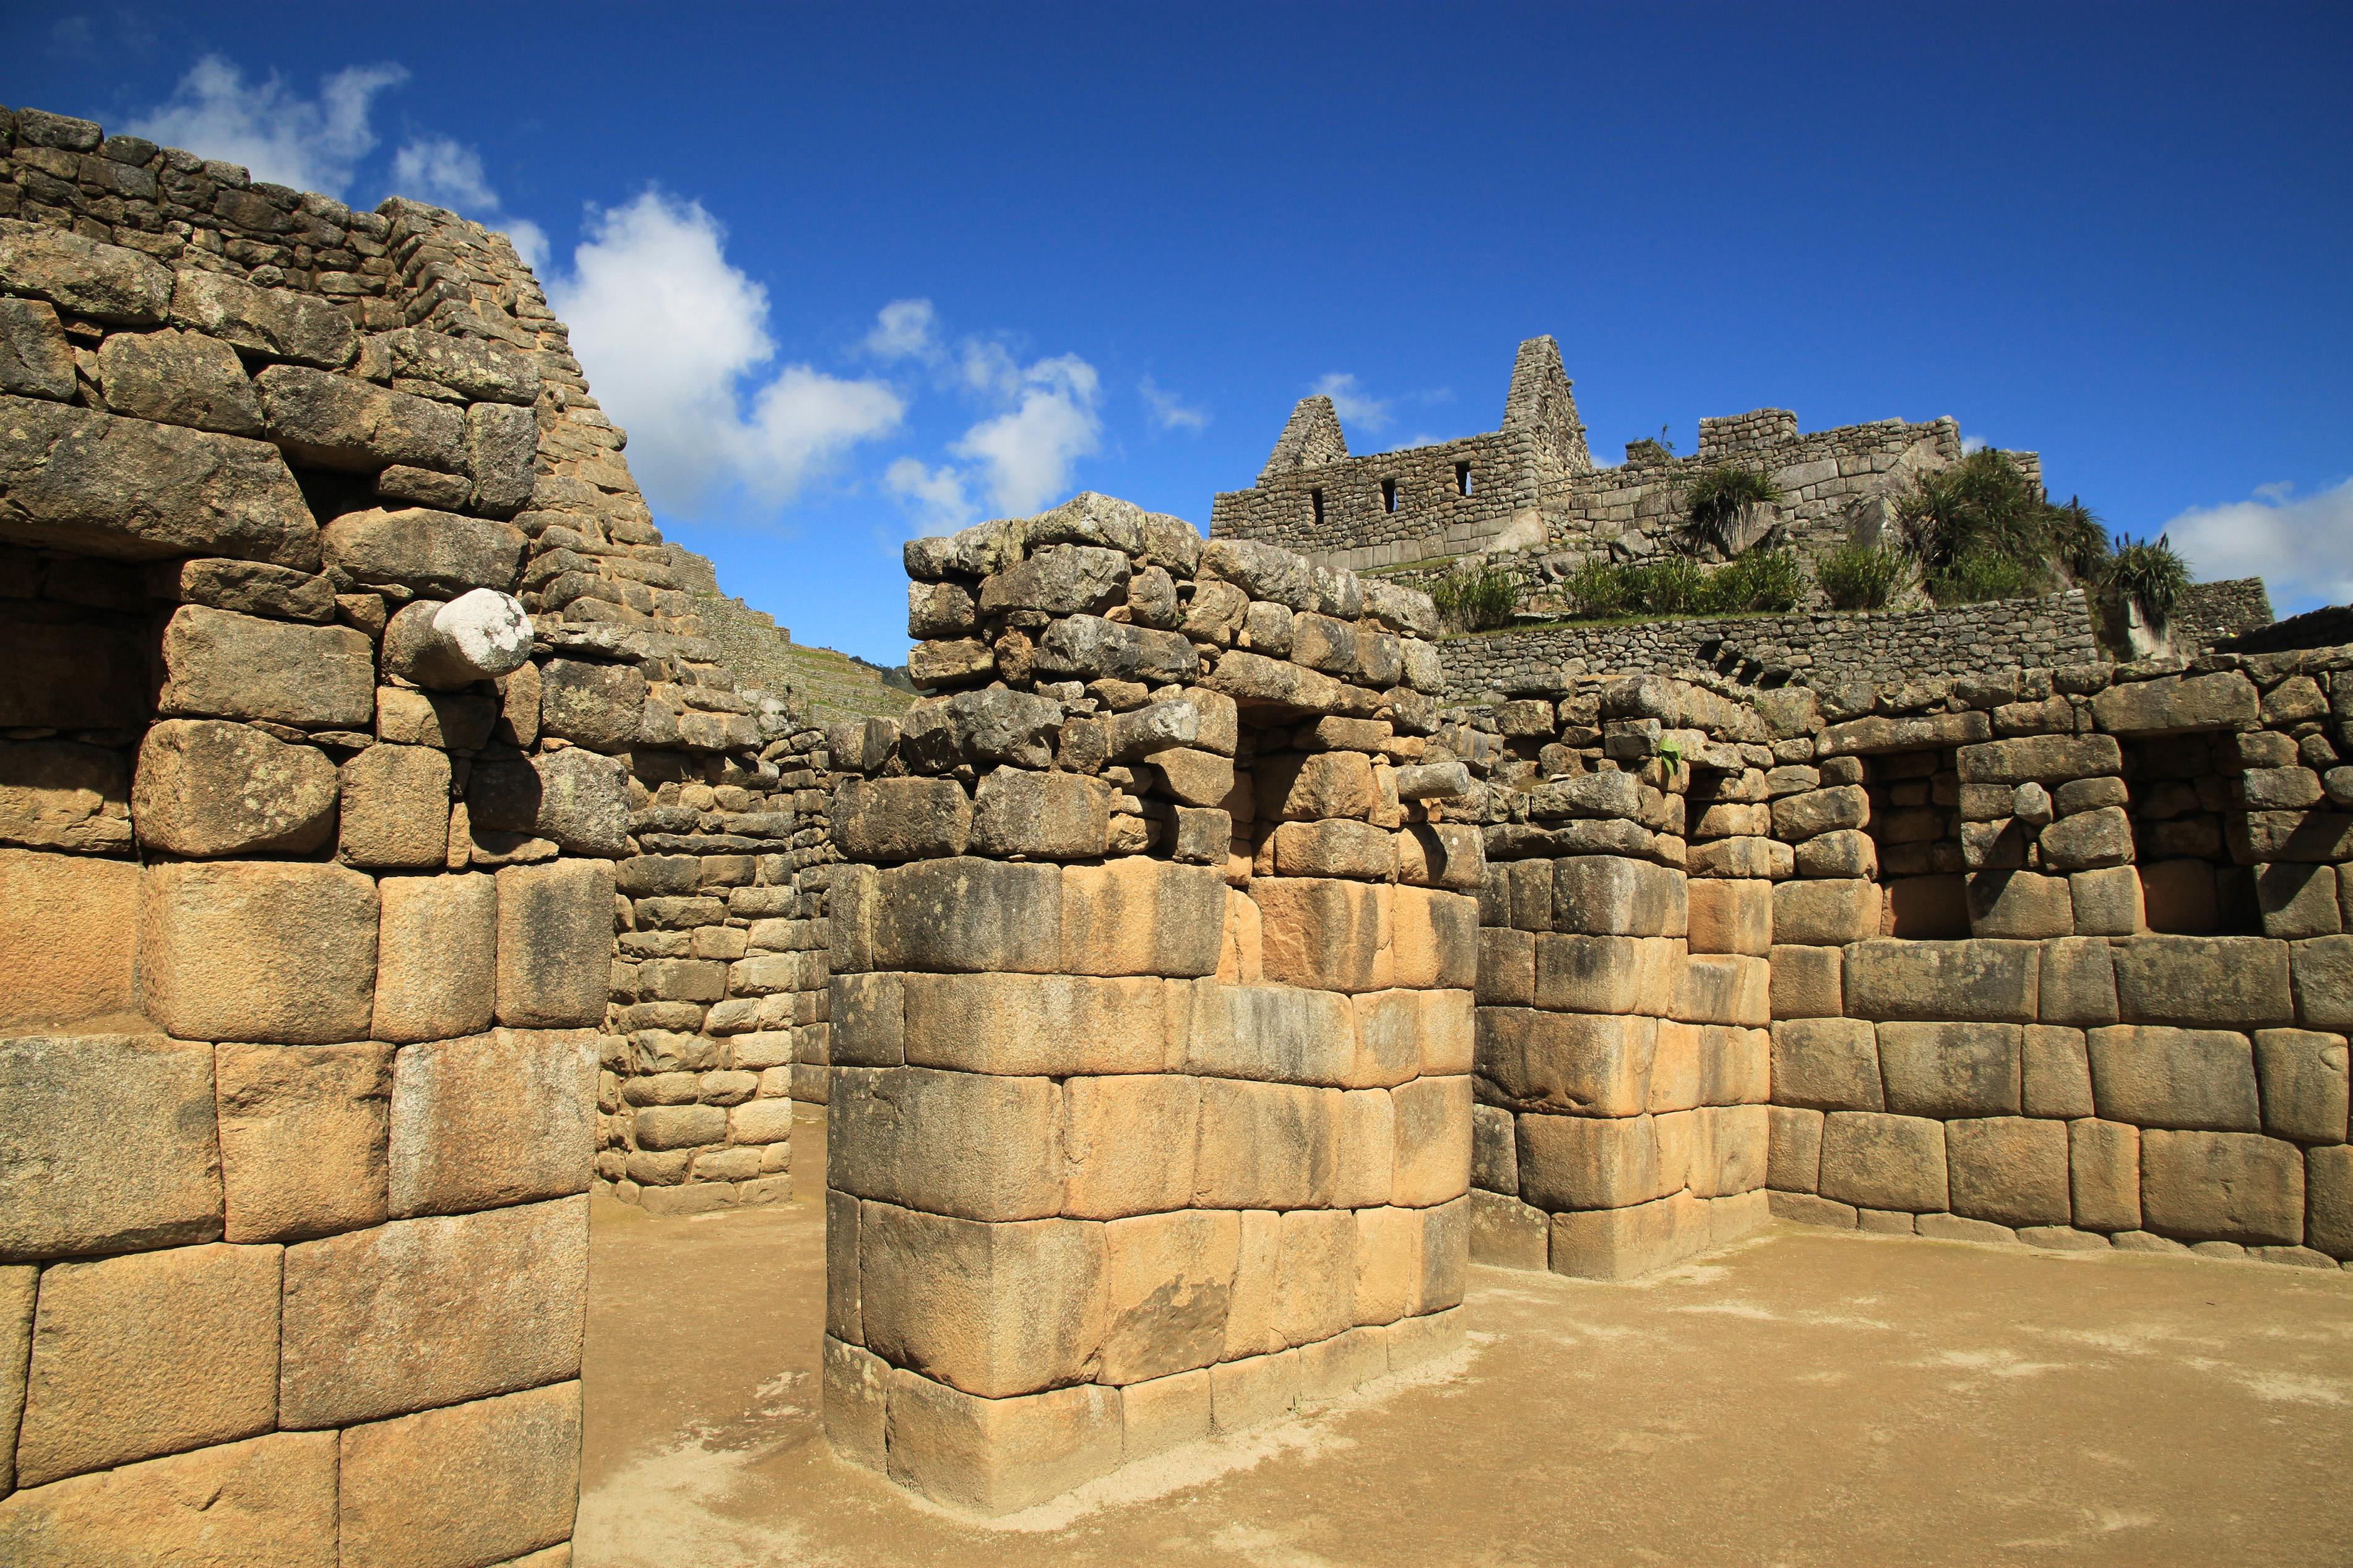 Descubriendo La Ciudad Sagrada, bienvenido a Machu Picchu - Perú Gran Viaje Perú Irresistible